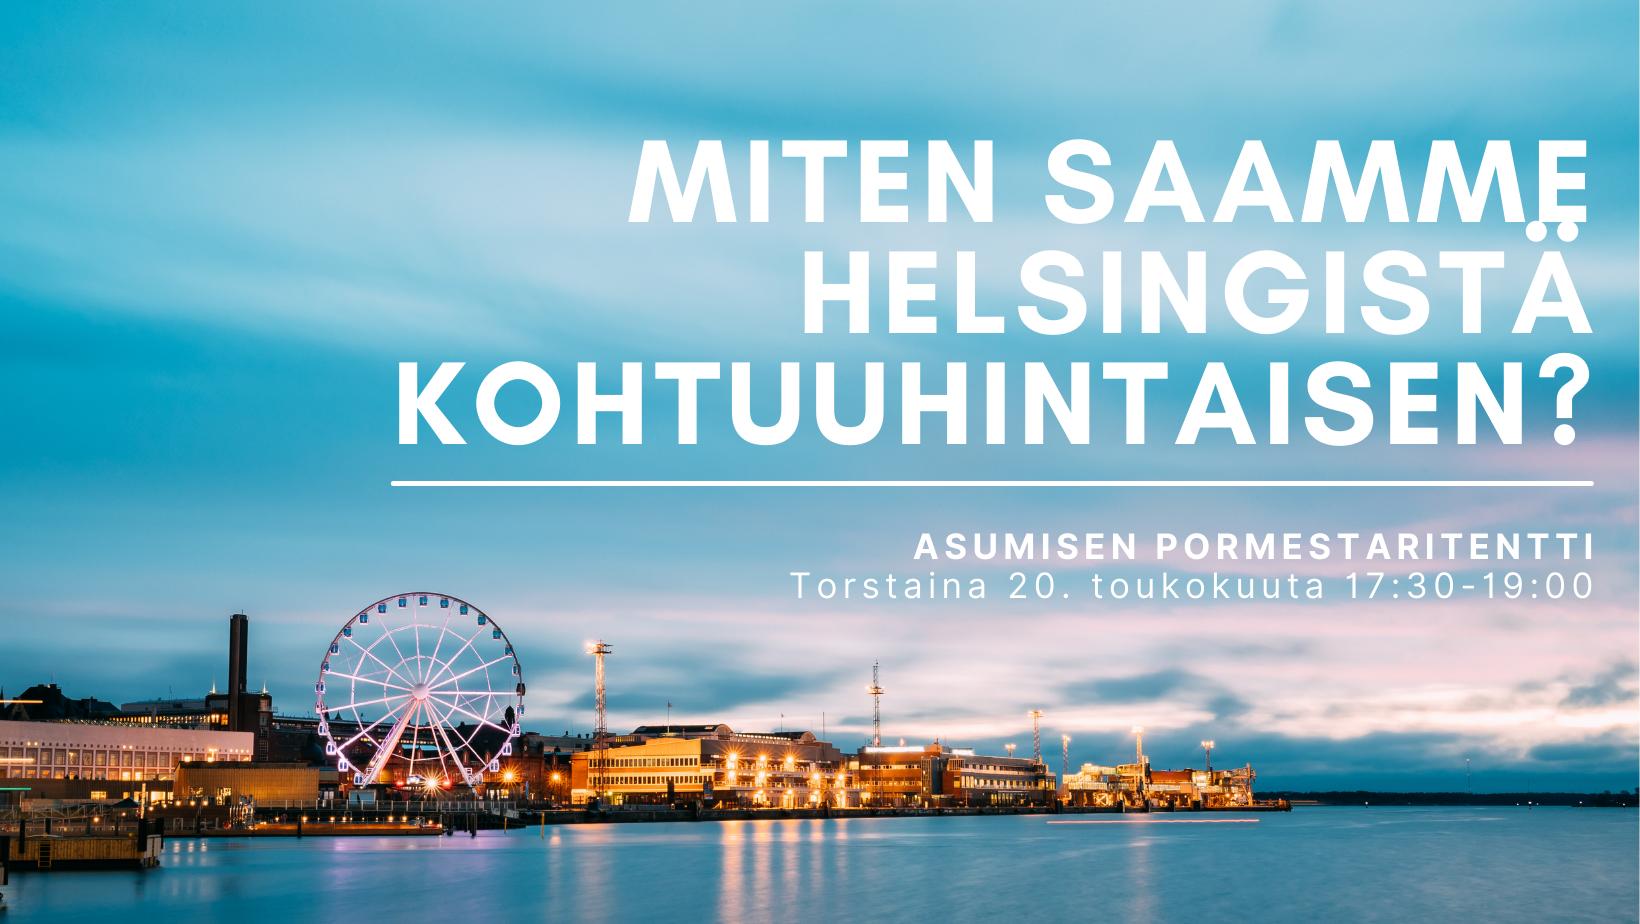 Miten saamme Helsingistä kohtuuhintaisen? Asumisen pormestaritentti